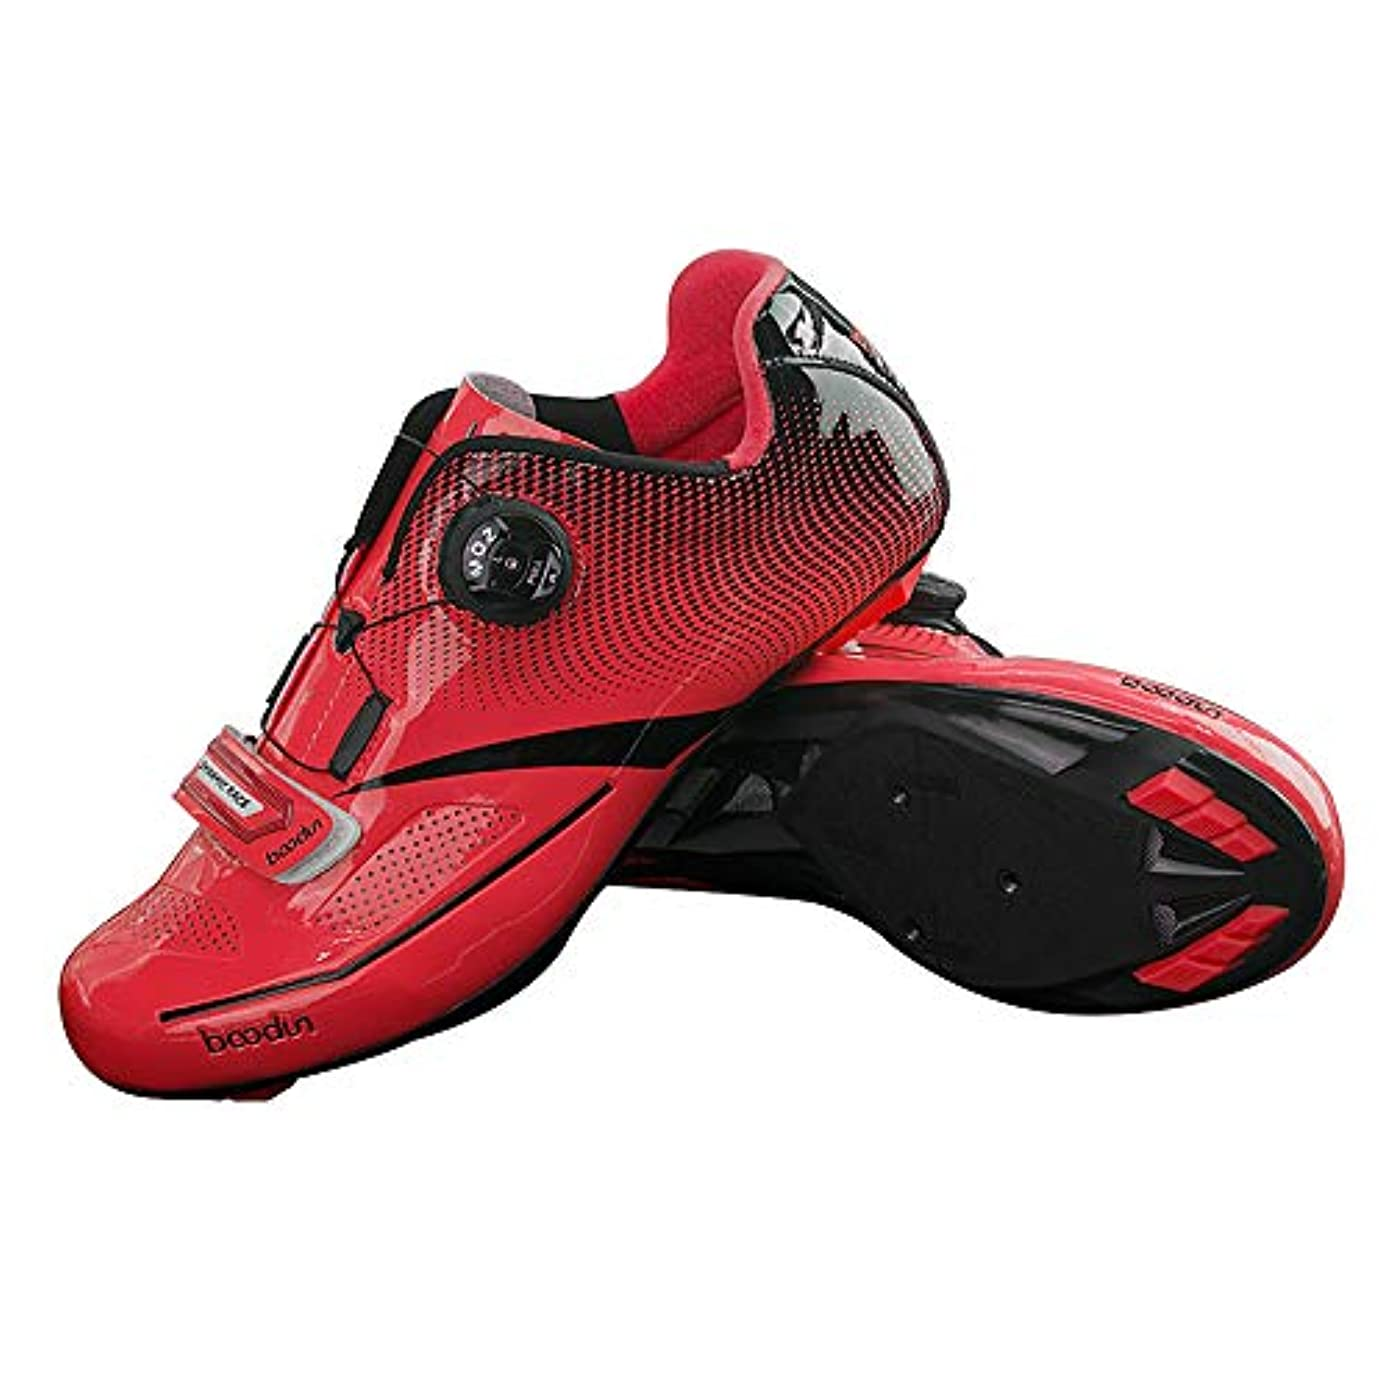 乙女リア王宙返りLIXADA サイクリングシューズ ビンディングシューズ メンズ カーボンファイバー 3色 超軽量 通気性 耐磨耗 衝撃吸収 ロード スポーツ サイクリング バイク サイクルシュ−ズ